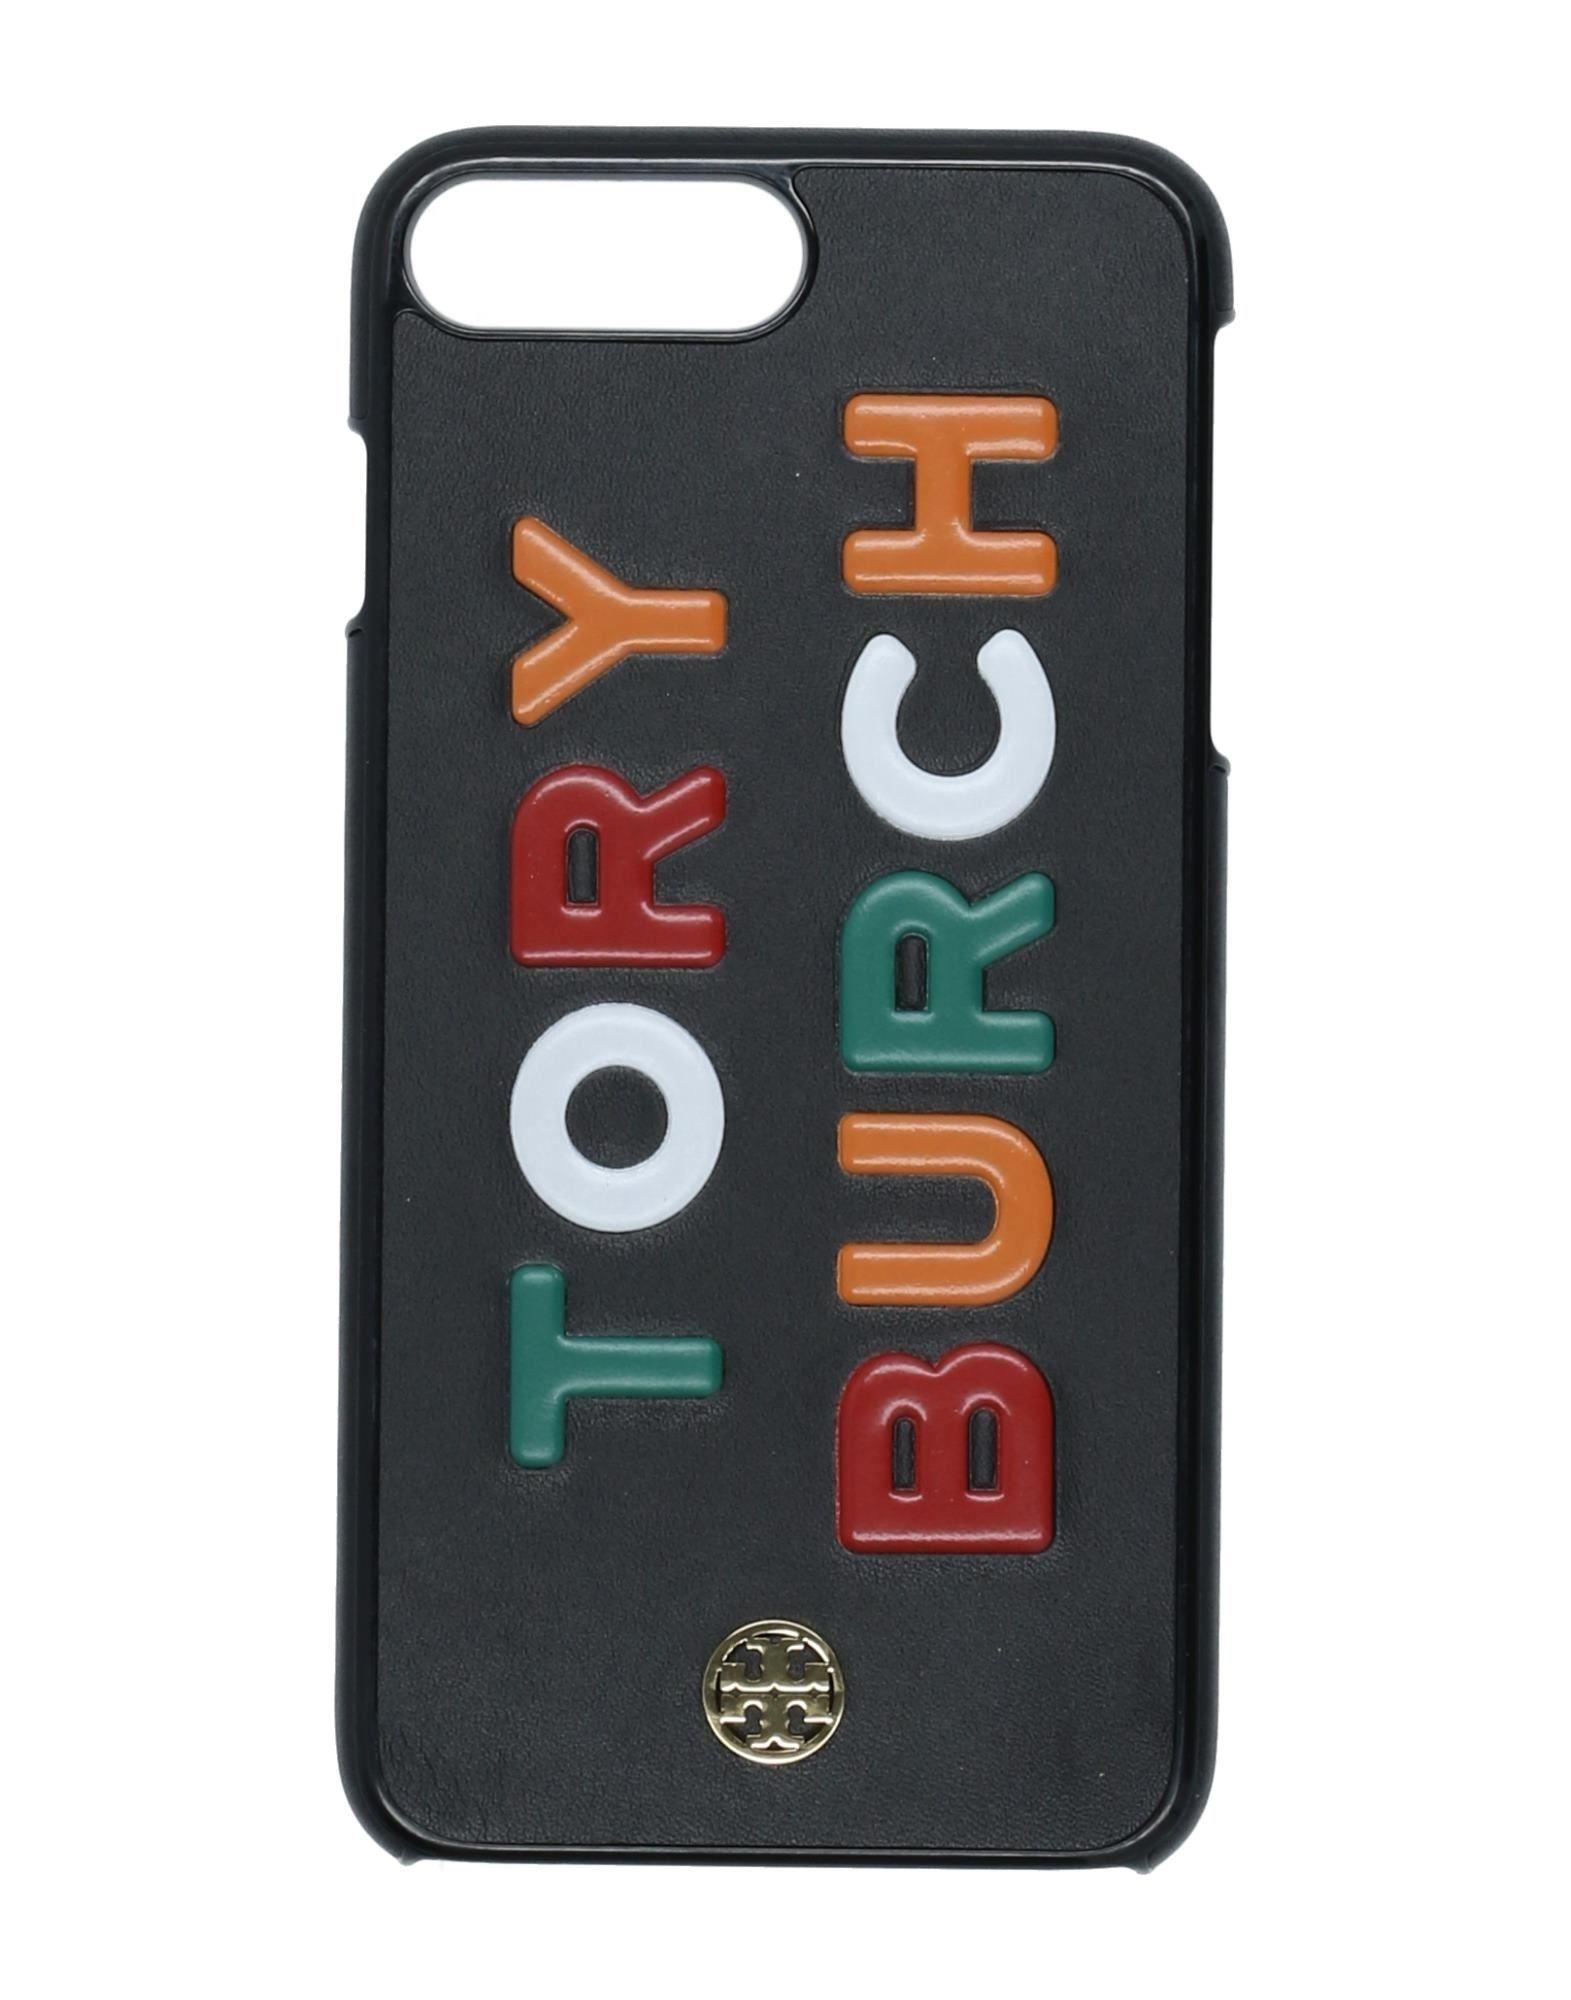 Фото - TORY BURCH Чехол printio чехол для iphone 7 plus объёмная печать обезьяна император